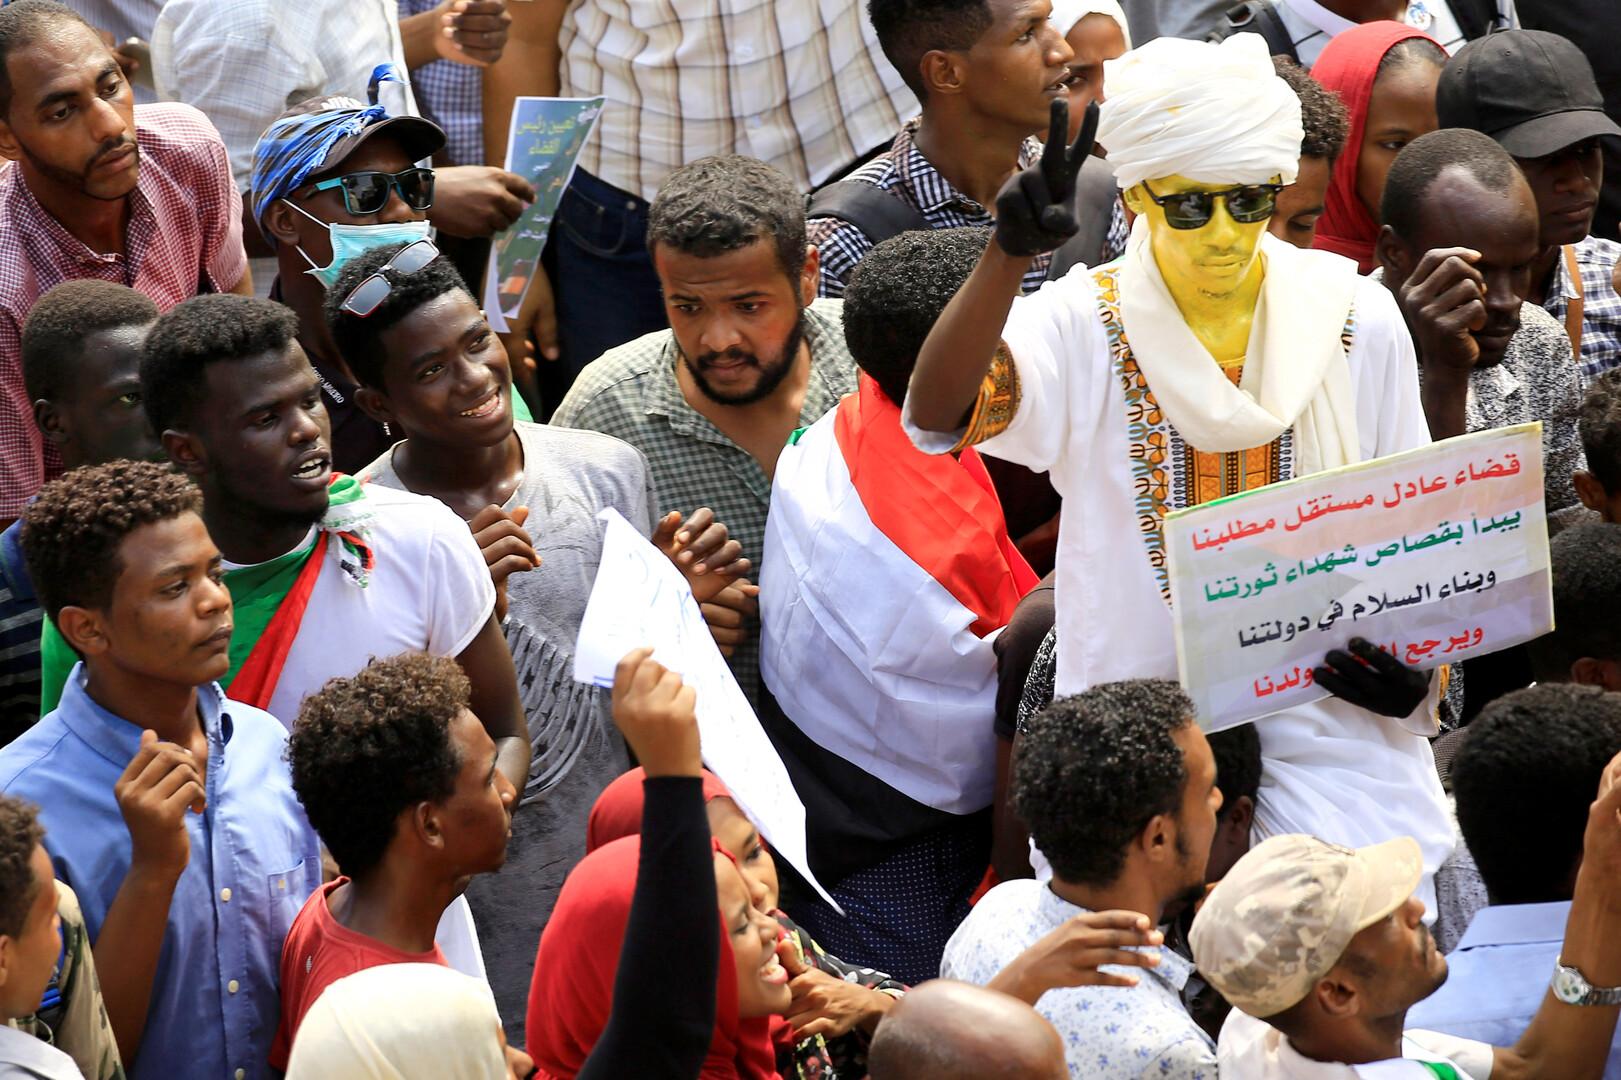 تشكيل لجنة مستقلة للتحقيق بالانتهاكات أثناء احتجاجات السودان